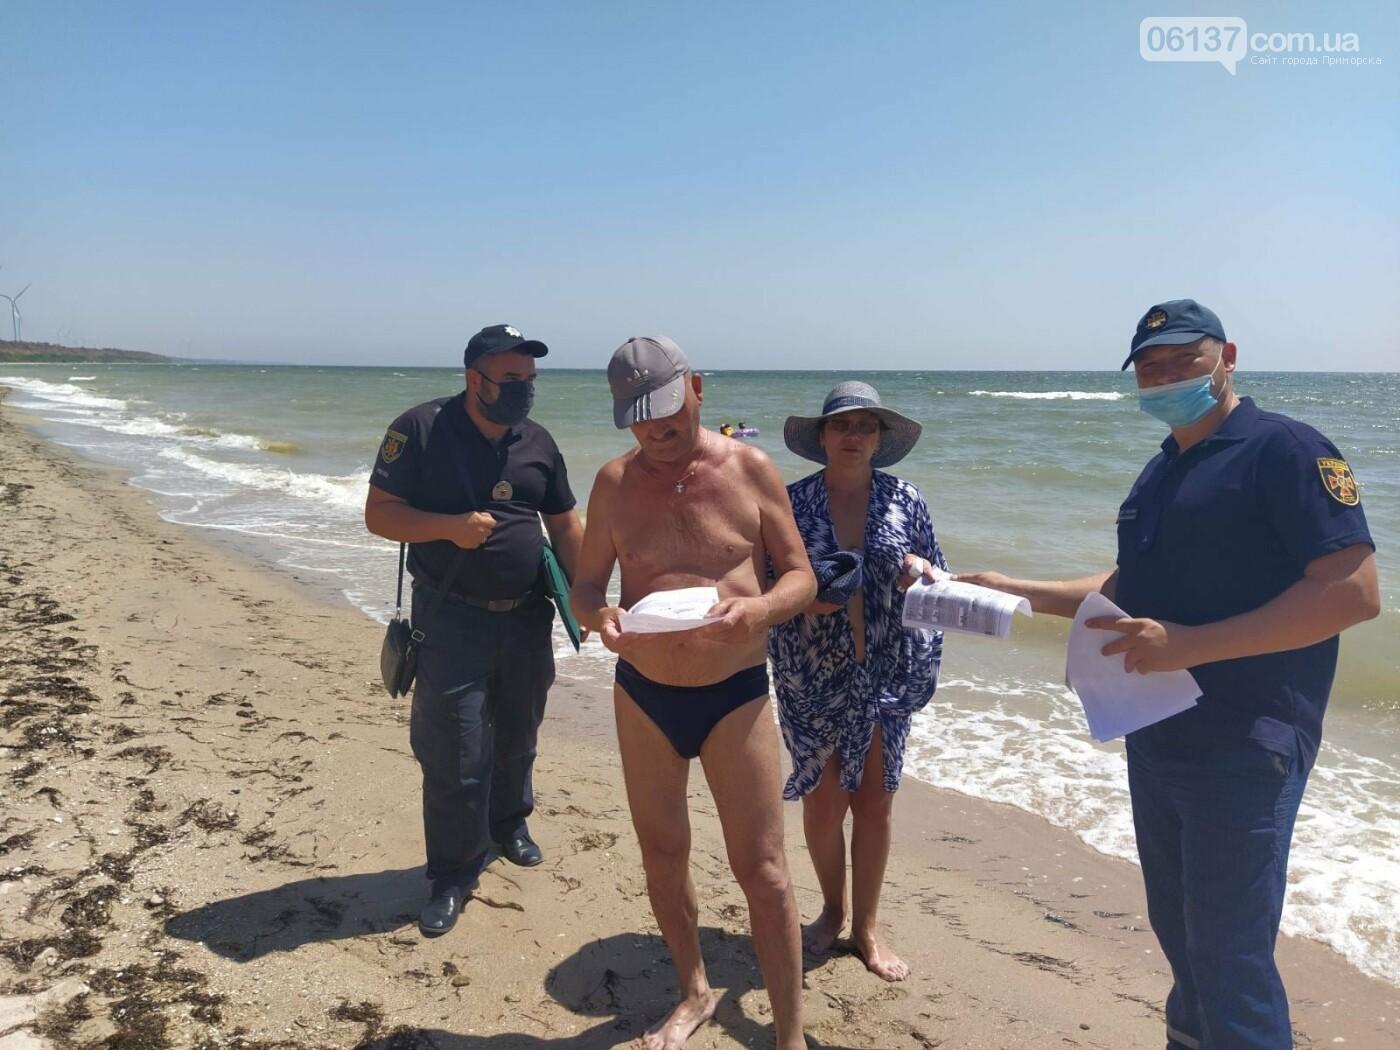 На курортах Запорізької області рятувальники разом з поліцією проводять профілактику безпеки на воді, фото-3